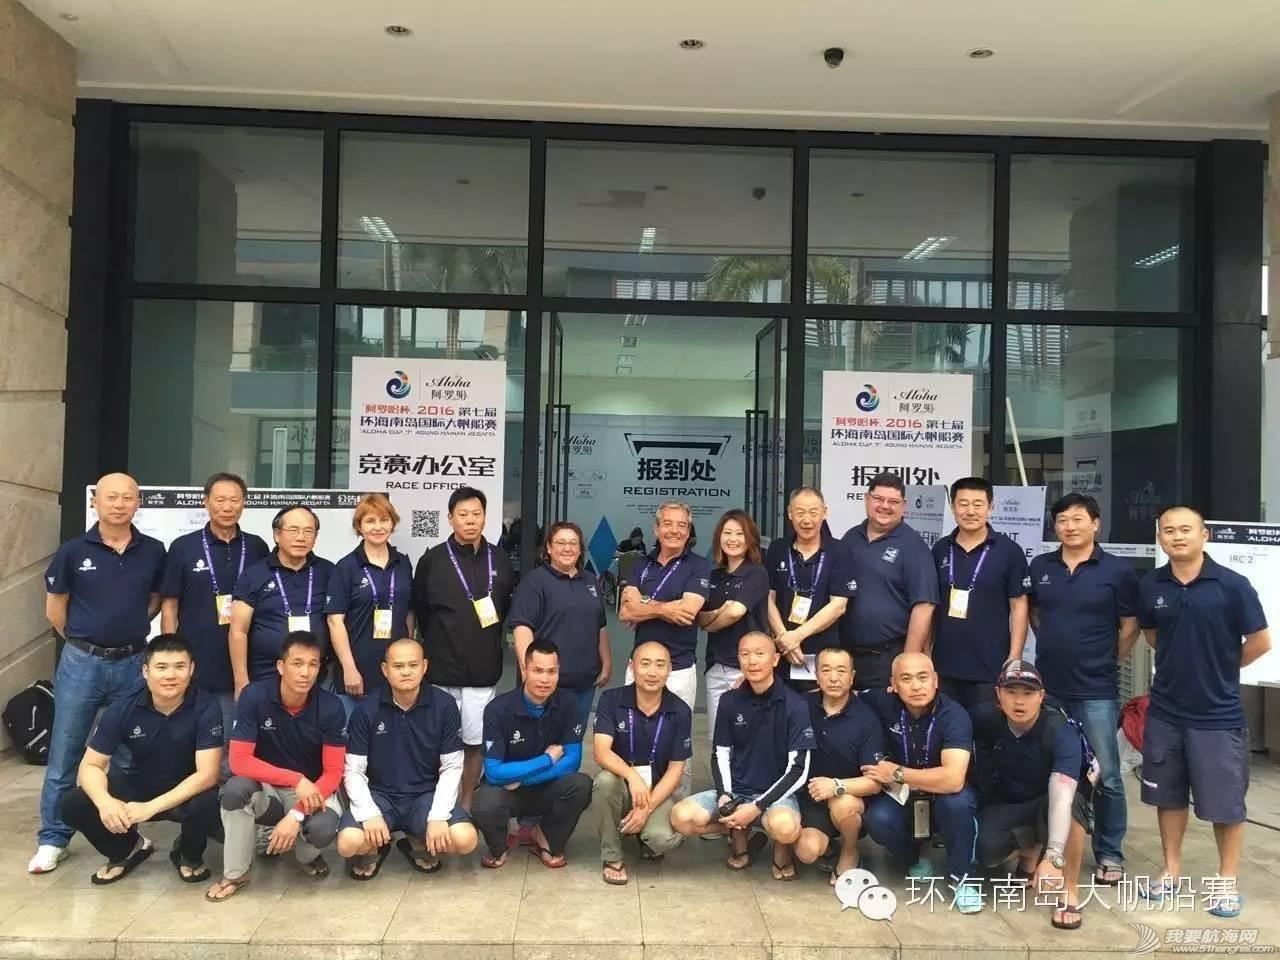 团队建设,海南岛,爱好者,赞助商,中国 七年成长愈显成熟之美 0477677da8d63d6b4d28353c7c0e9060.jpg